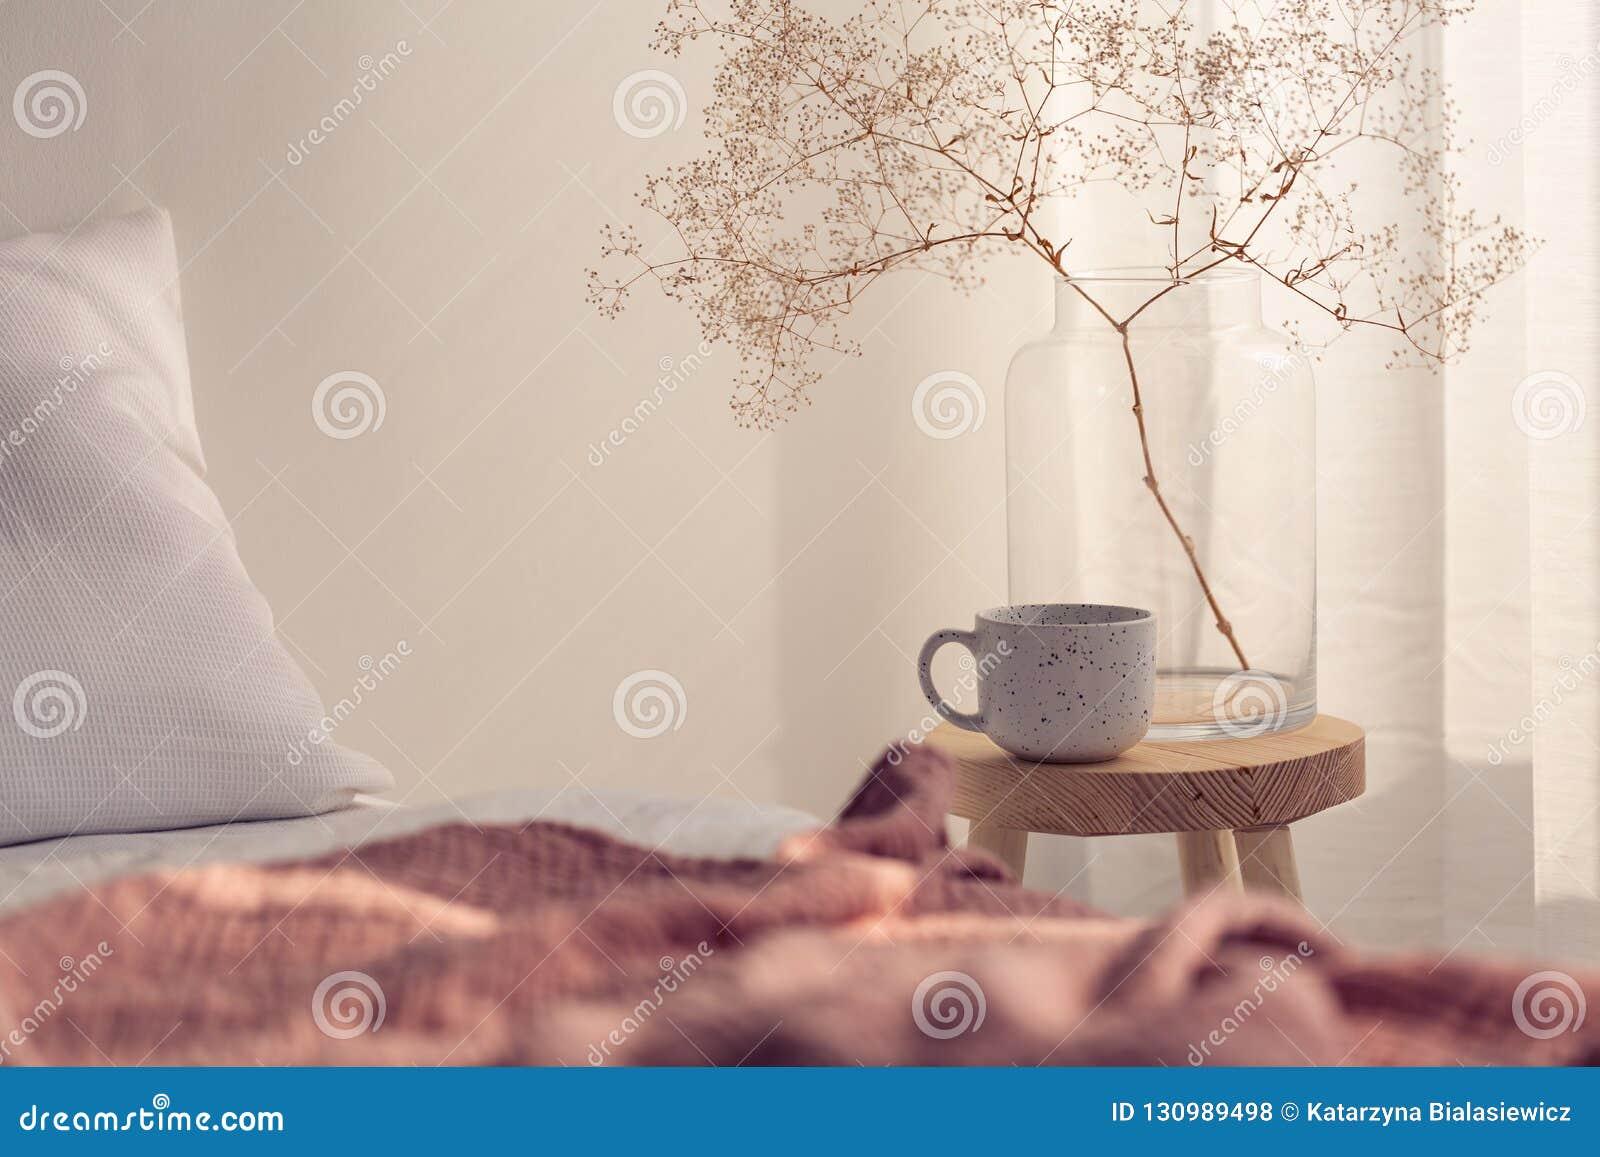 Closeup av den kaffekoppen och blomman i exponeringsglasvas på nattduksbordet av den ljusa sovruminre